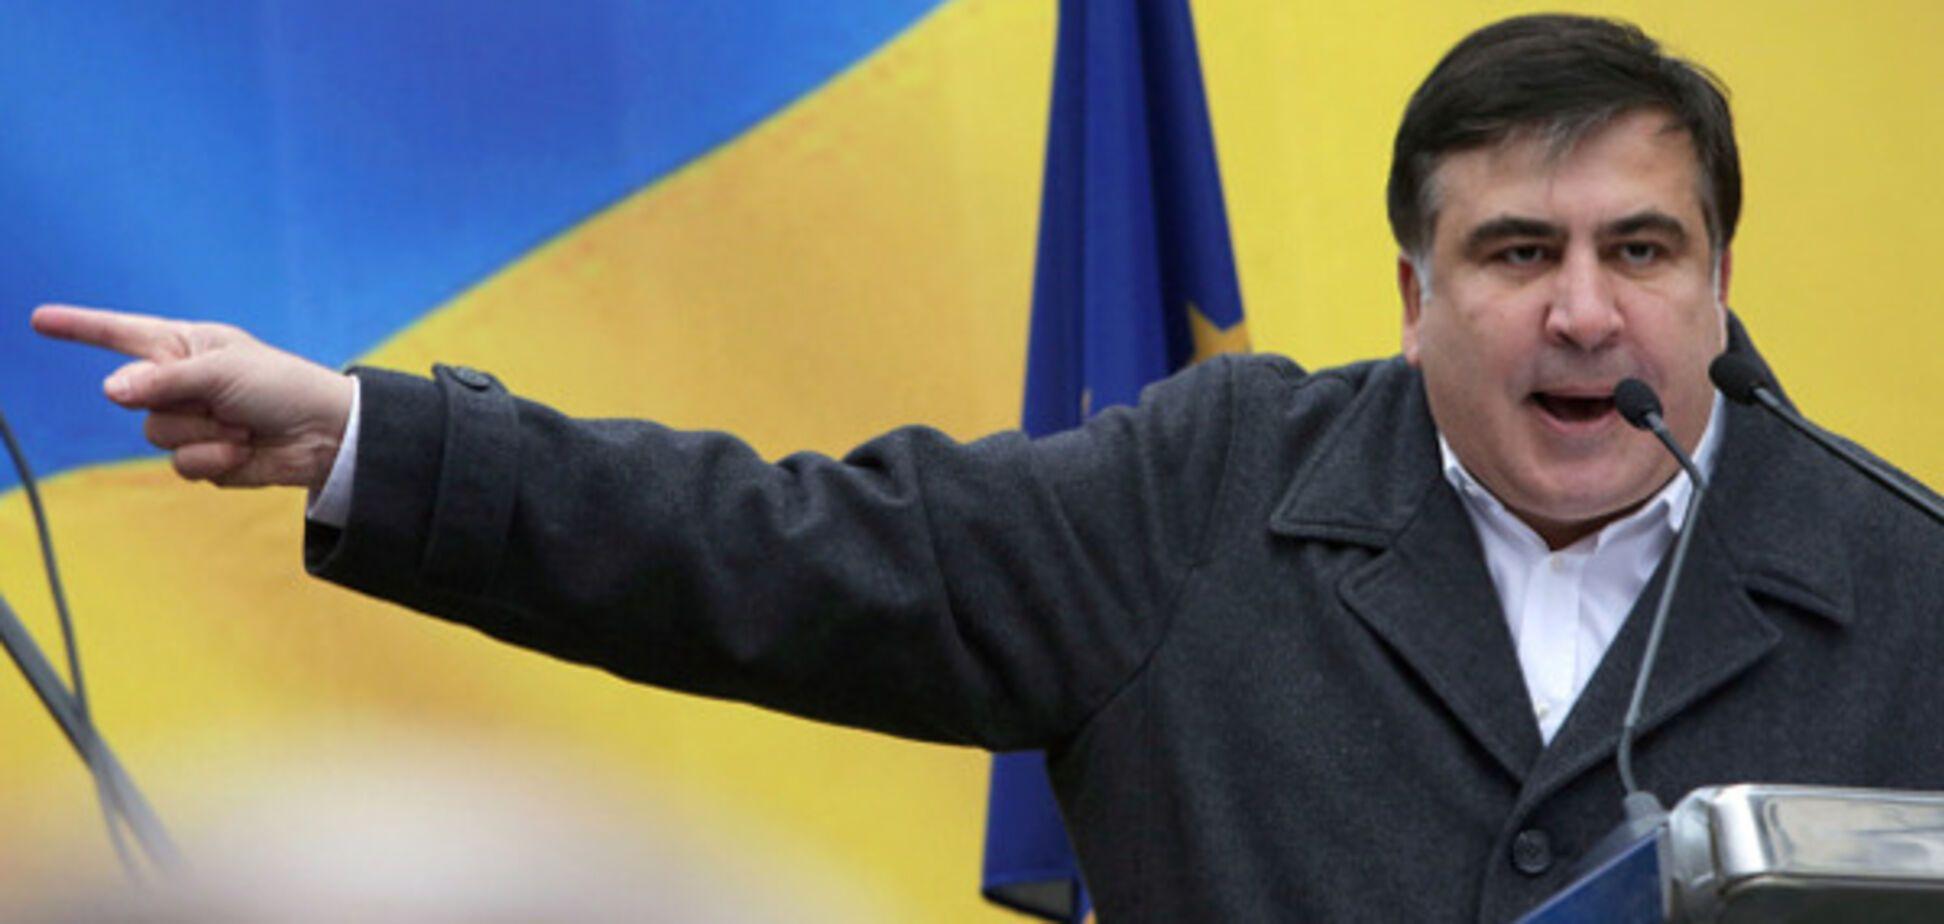 Нана Какабадзе: Режим Саакашвили был сродни фашистскому - 325 тысяч грузин сидели в тюрьме